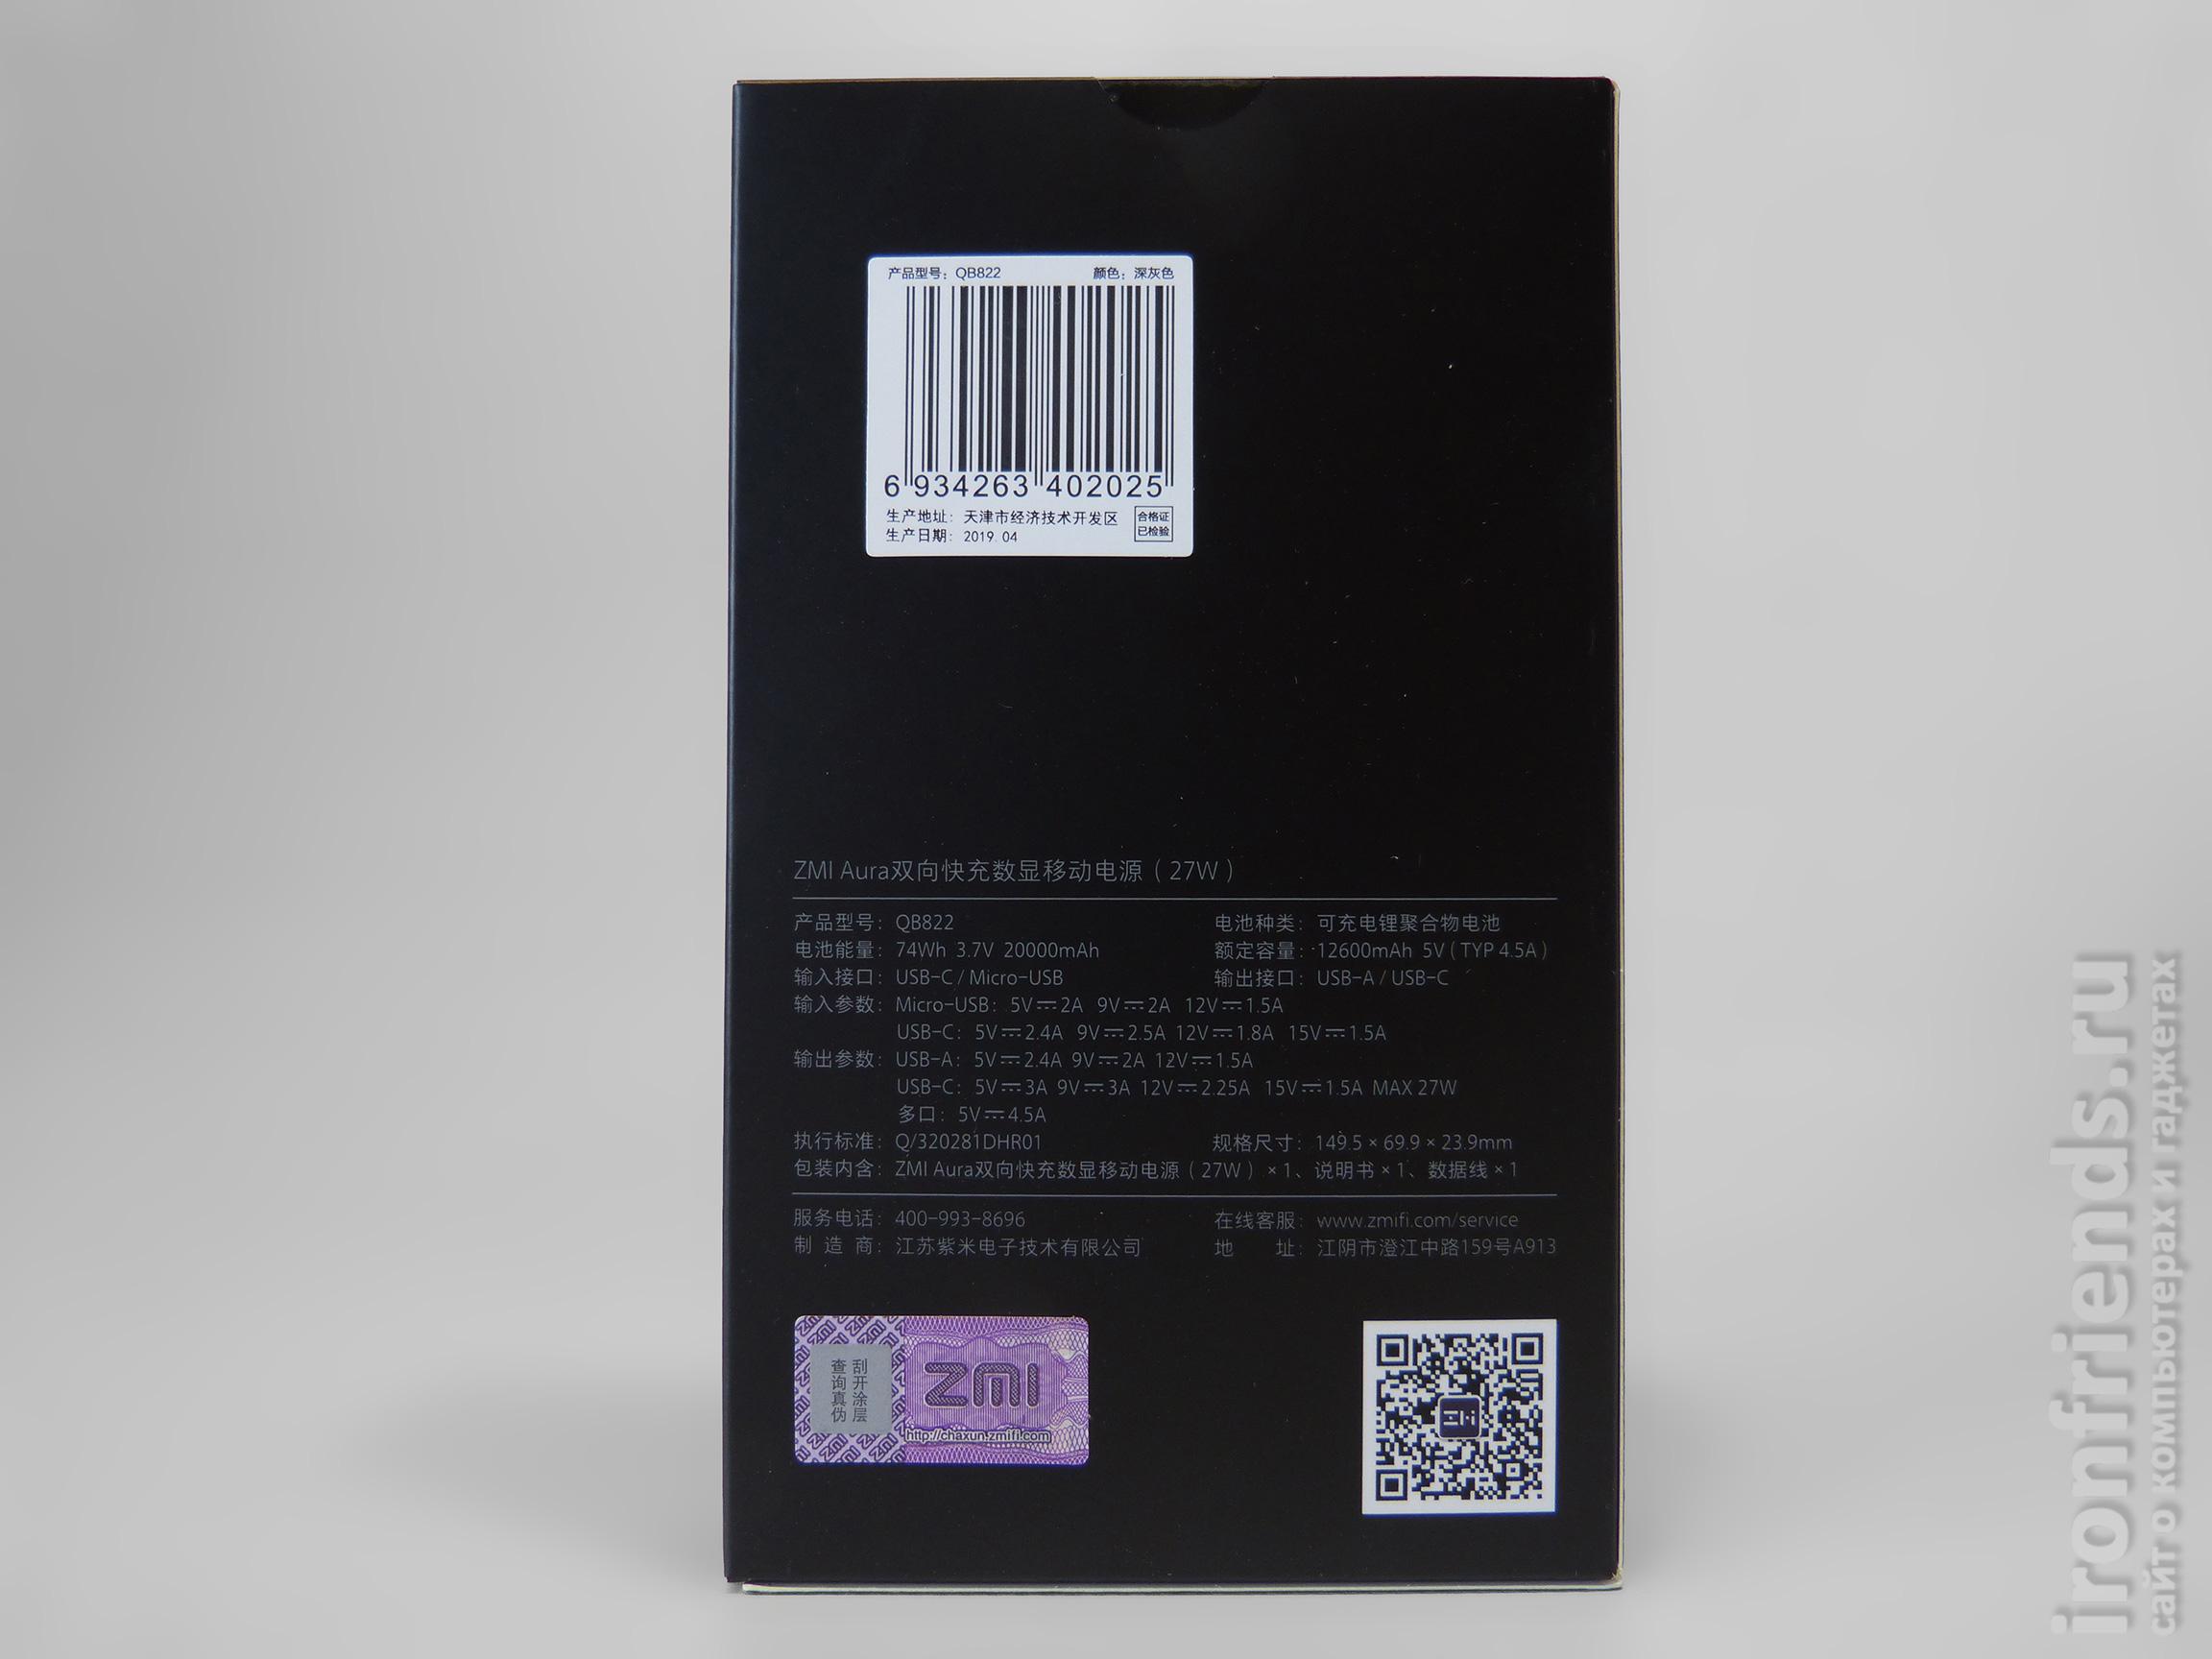 Обратная сторона упаковки Xiaomi ZMi Aura 20000